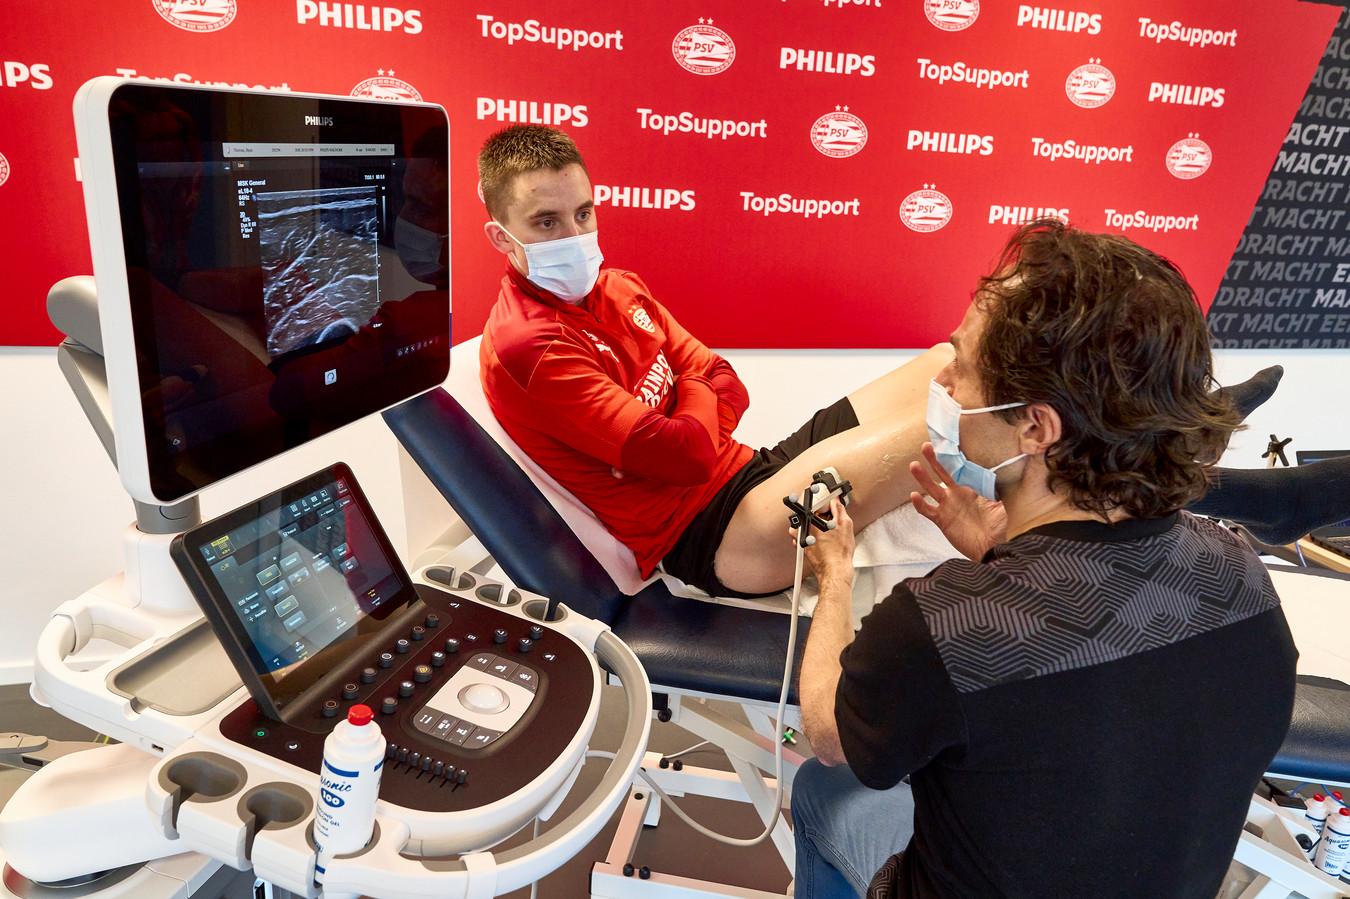 PSV en Philips werken samen met het St. Anna Ziekenhuis. Clubdokter Wart van Zoest verricht hier onderzoek bij PSV'er Ryan Thomas.